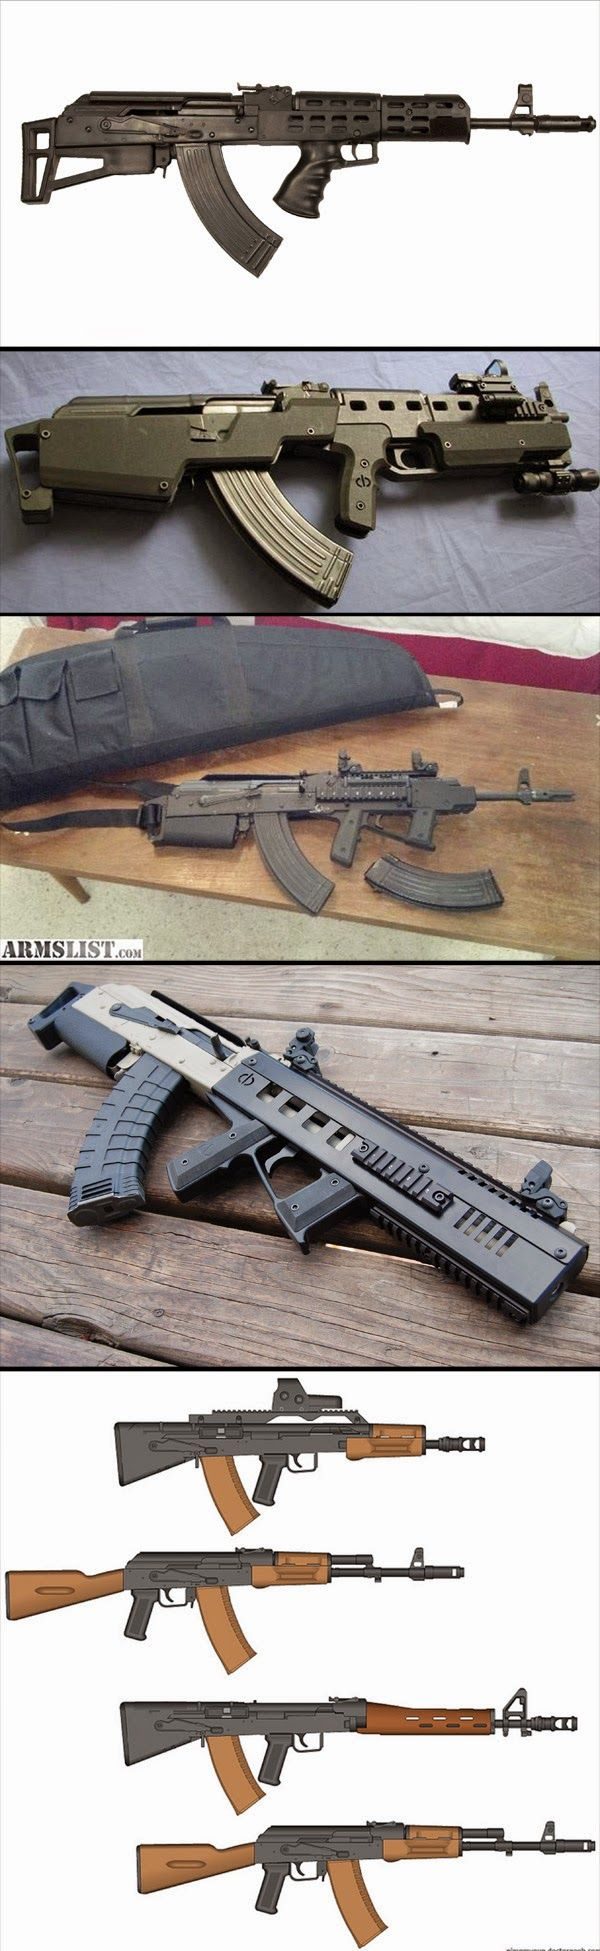 AKU 94 : AK 47 Bullpup version